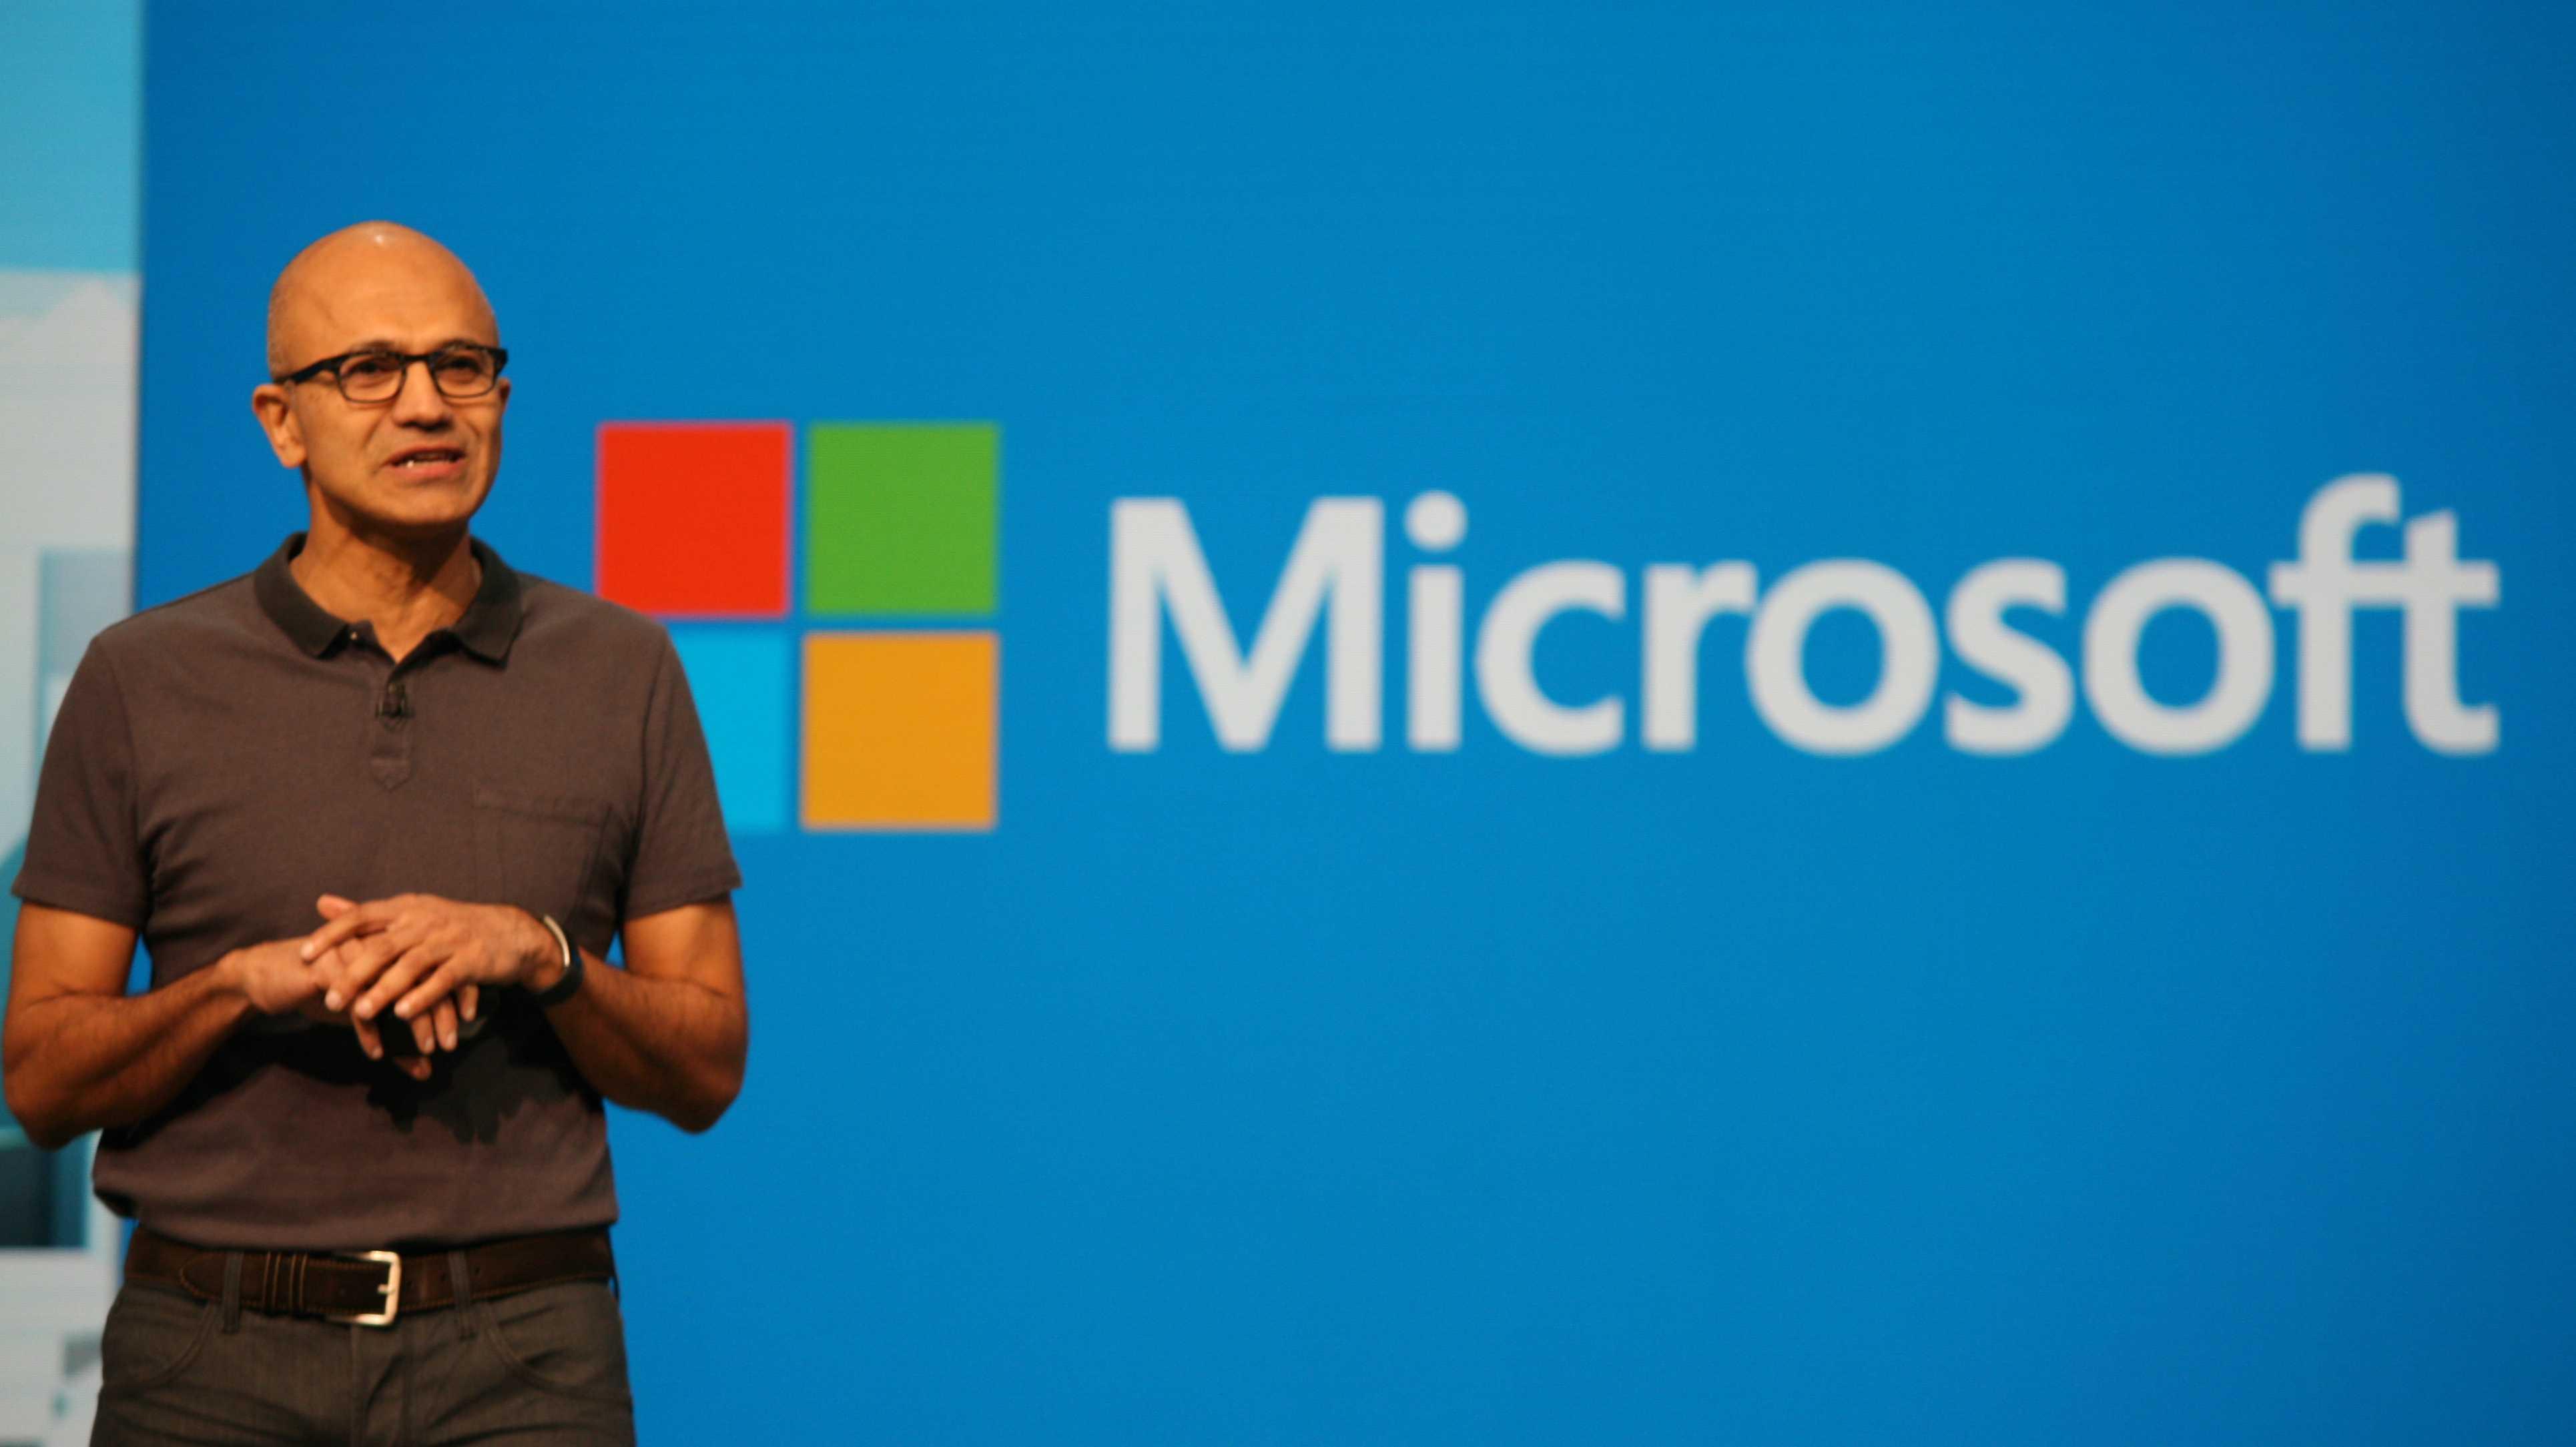 Satya Nadella - Microsoft